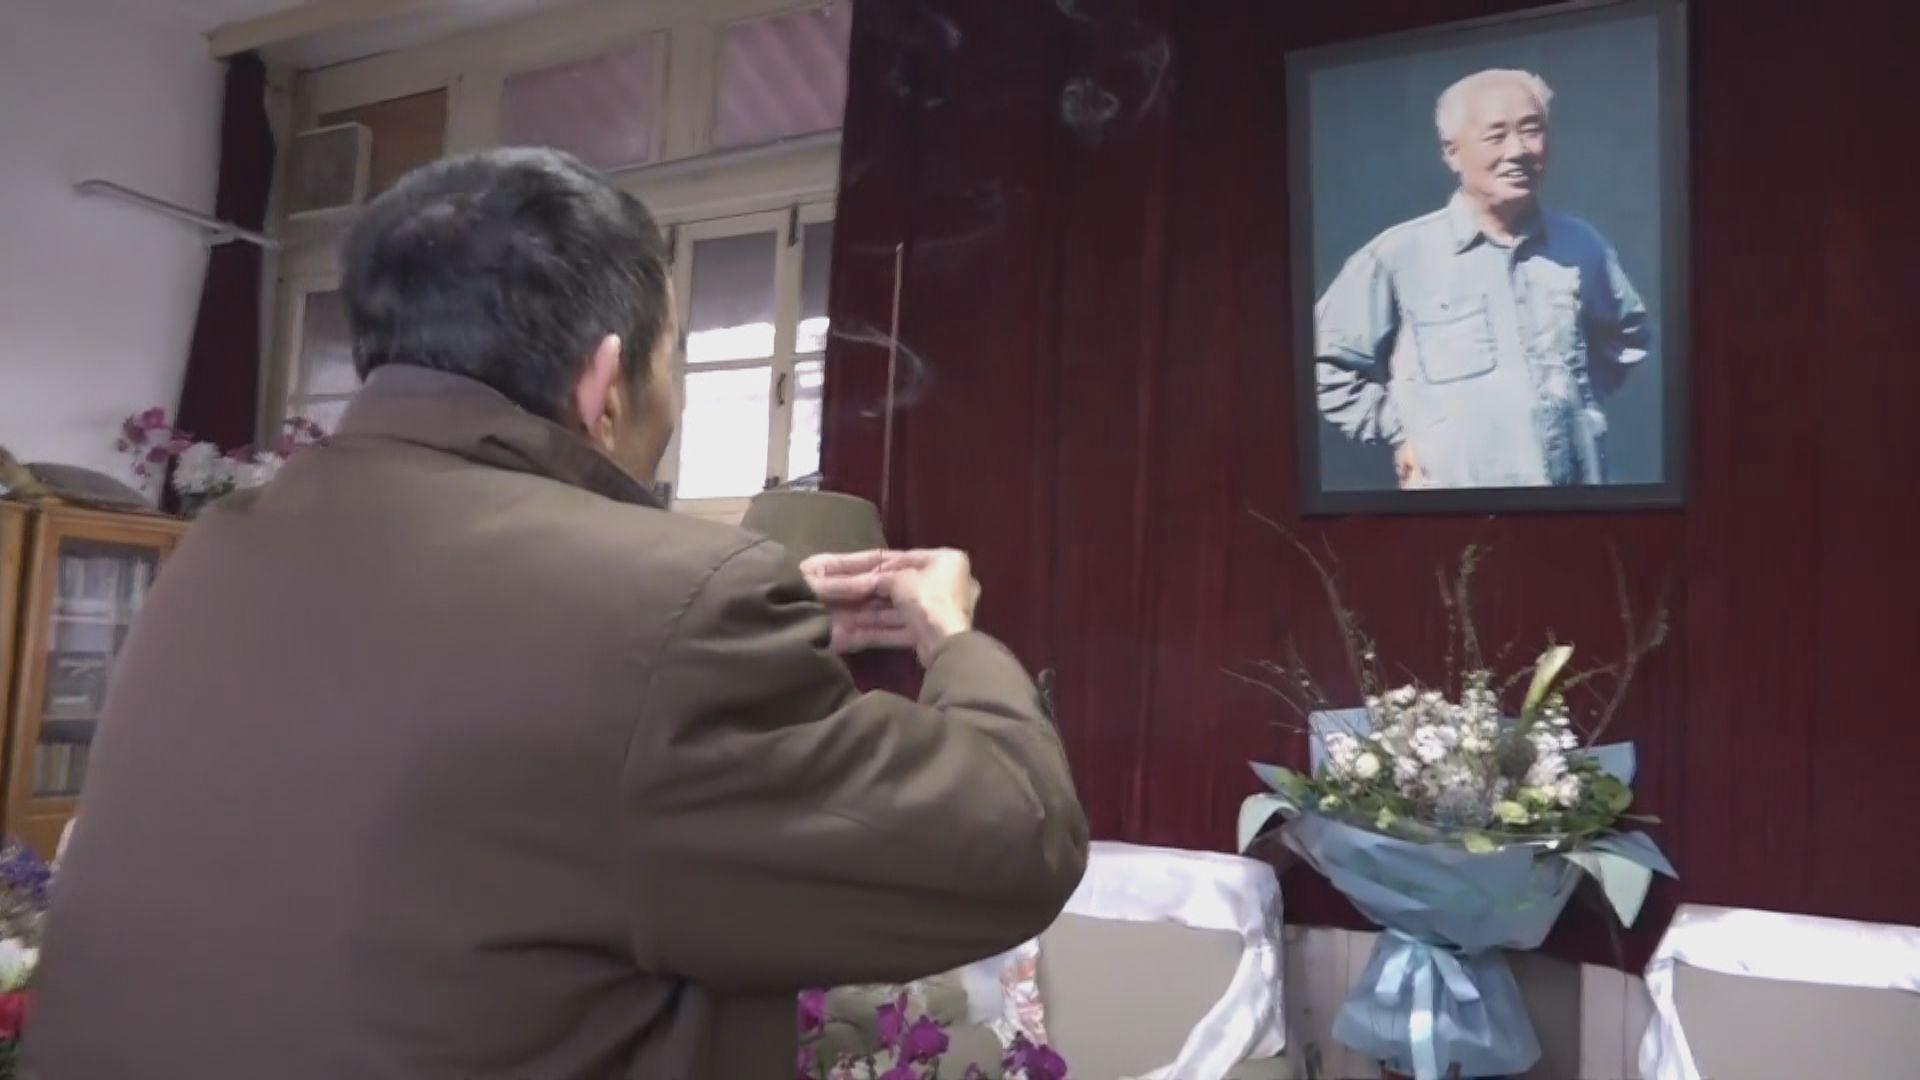 趙紫陽逝世14周年 民眾到其故居悼念